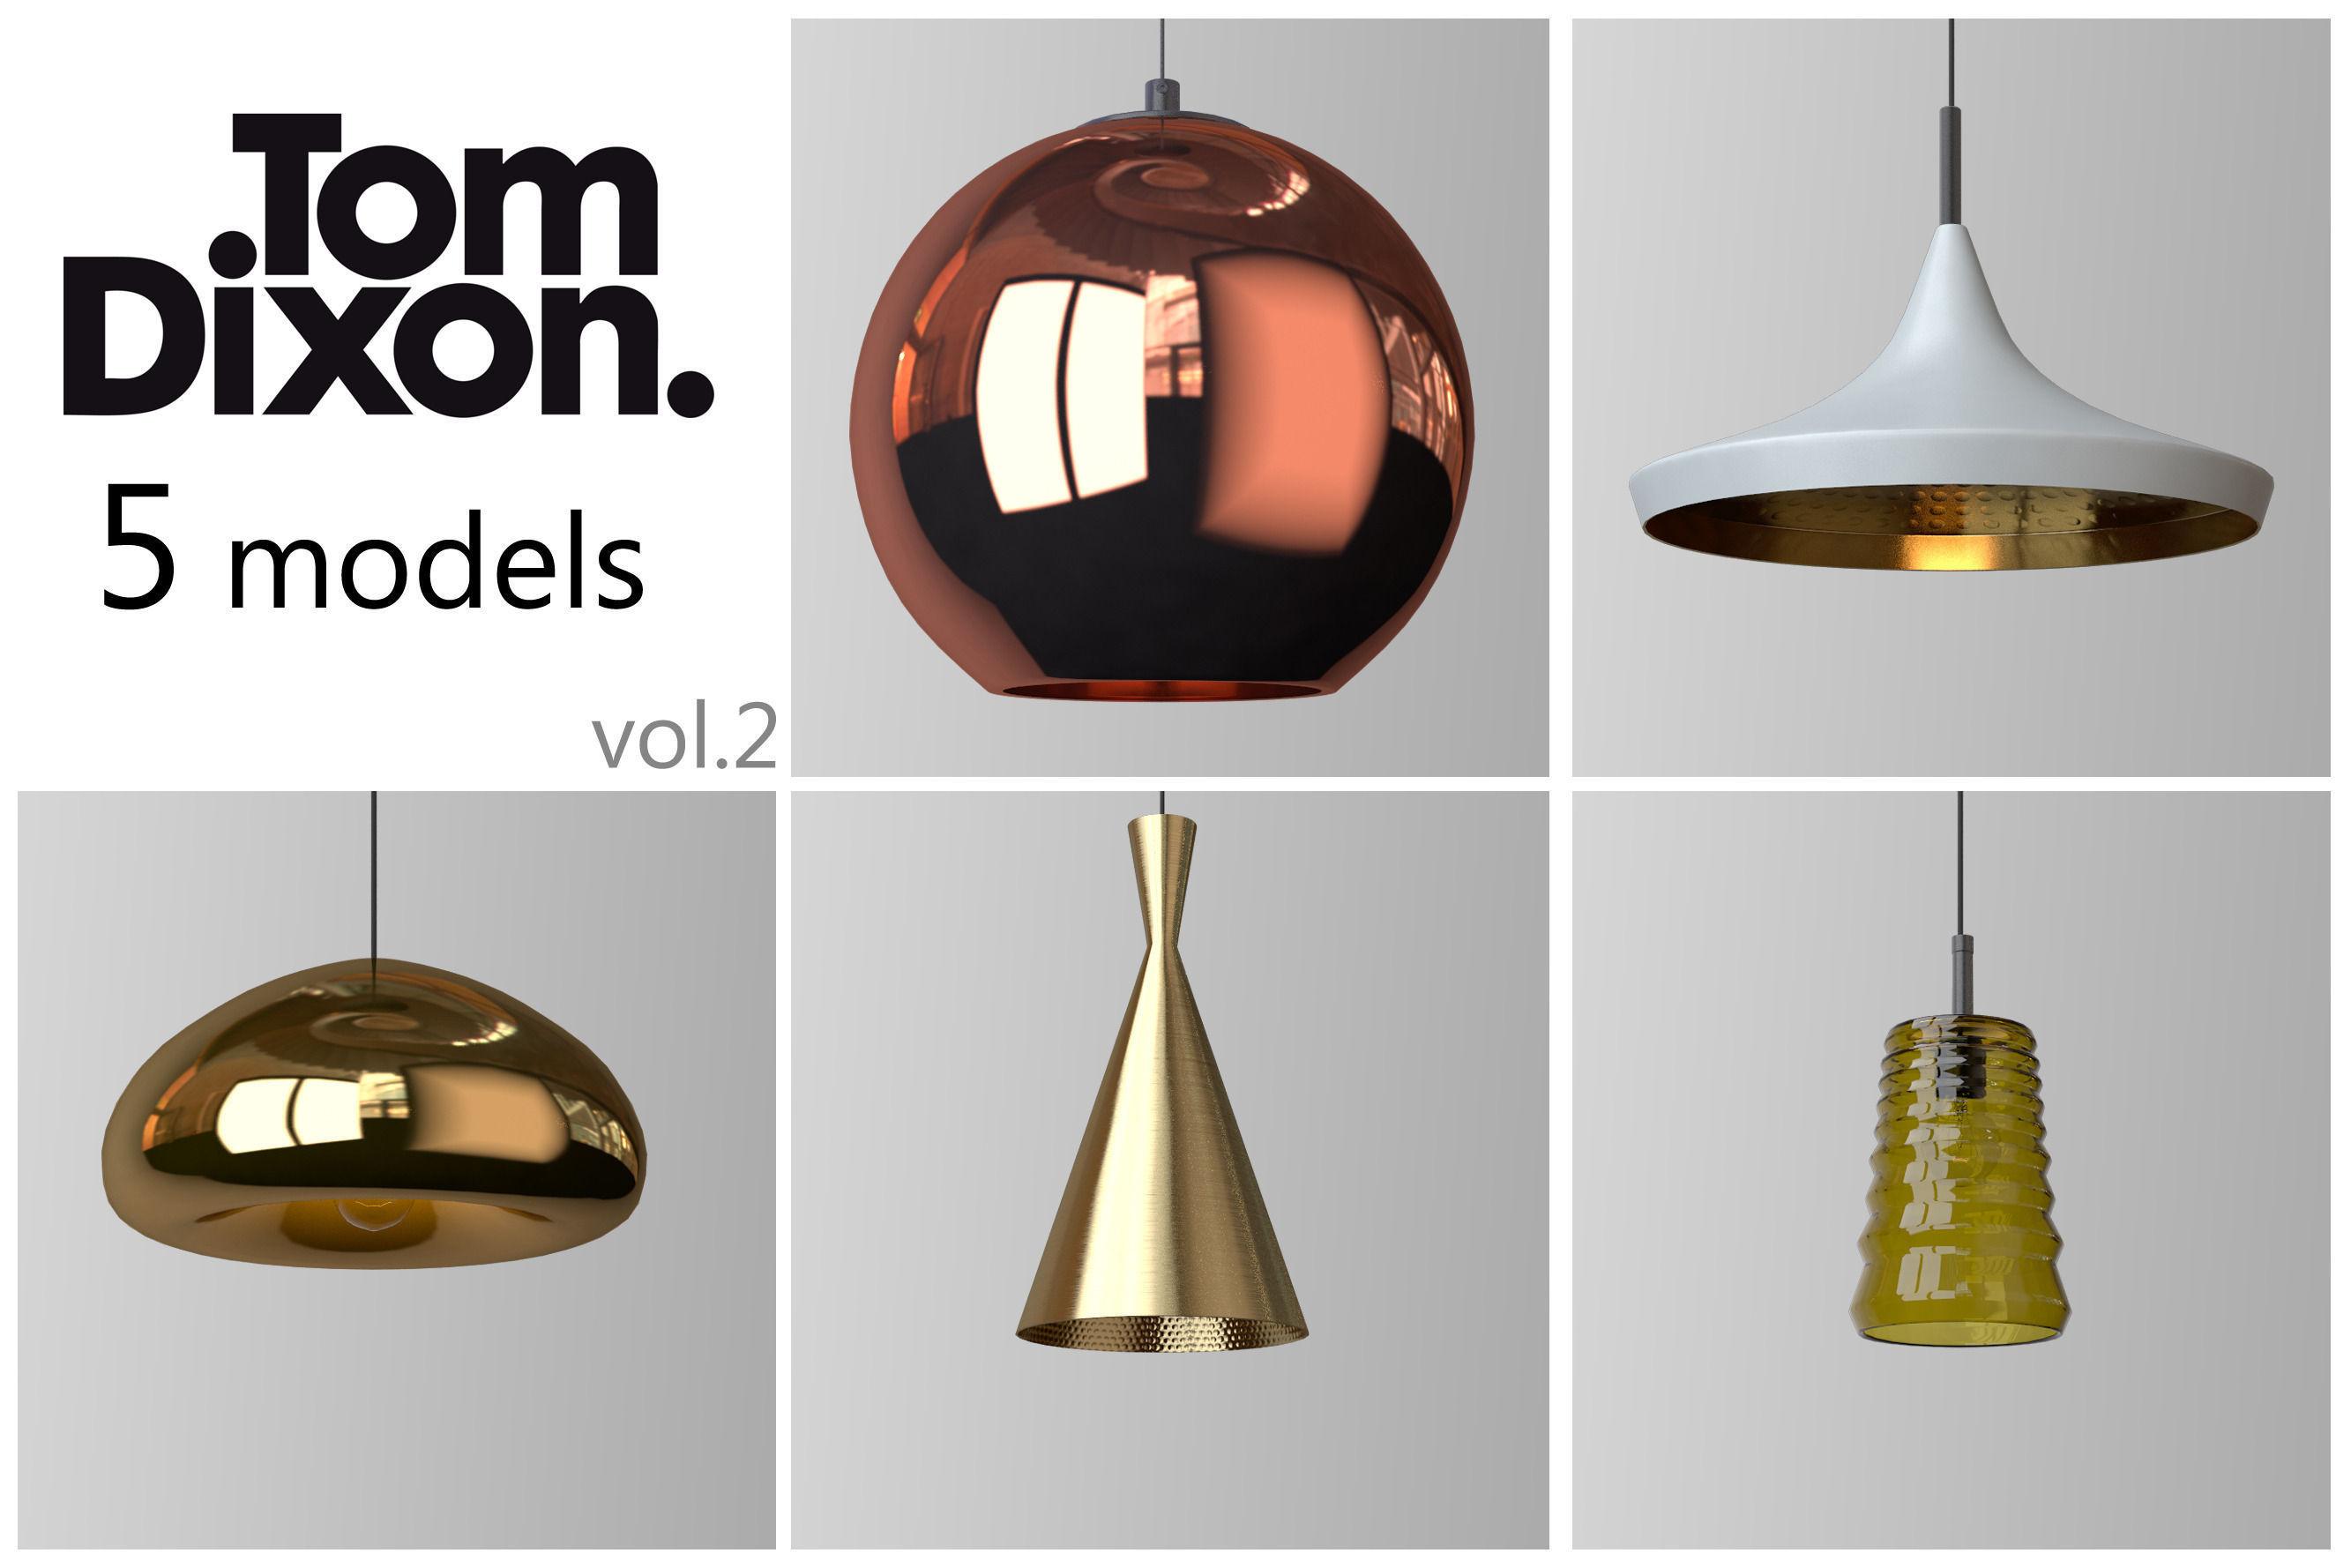 tom lighting. Tom Dixon Lighting Set 2 3d Model Max Obj 1 N